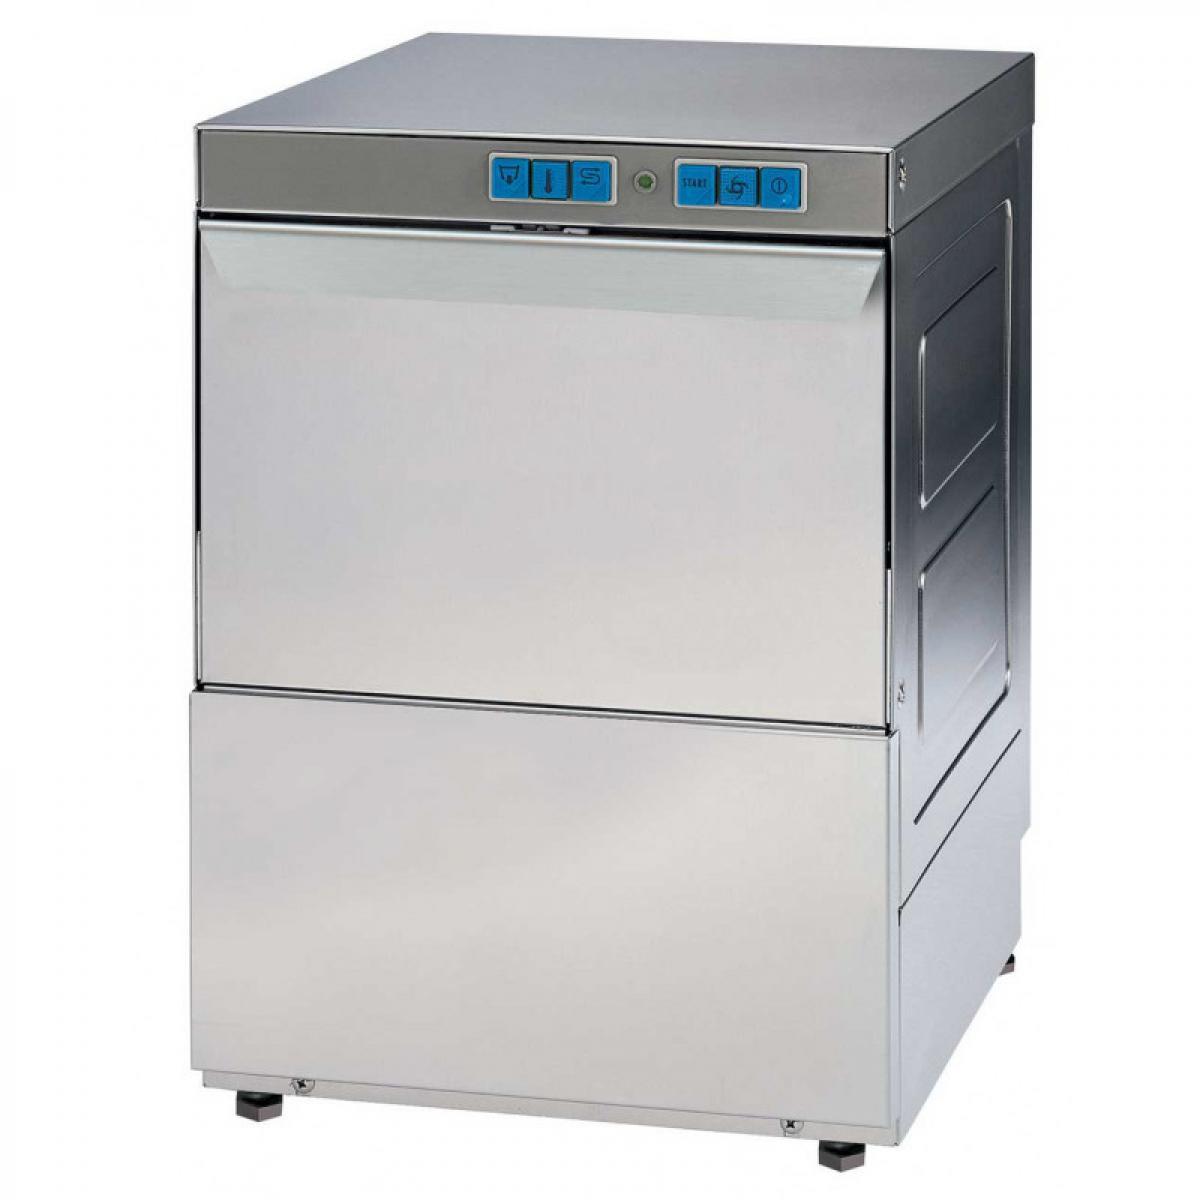 Materiel Chr Pro Lave-vaisselle Série Eco Triphasé - Panier 500 x 500 mm - 400V triphase